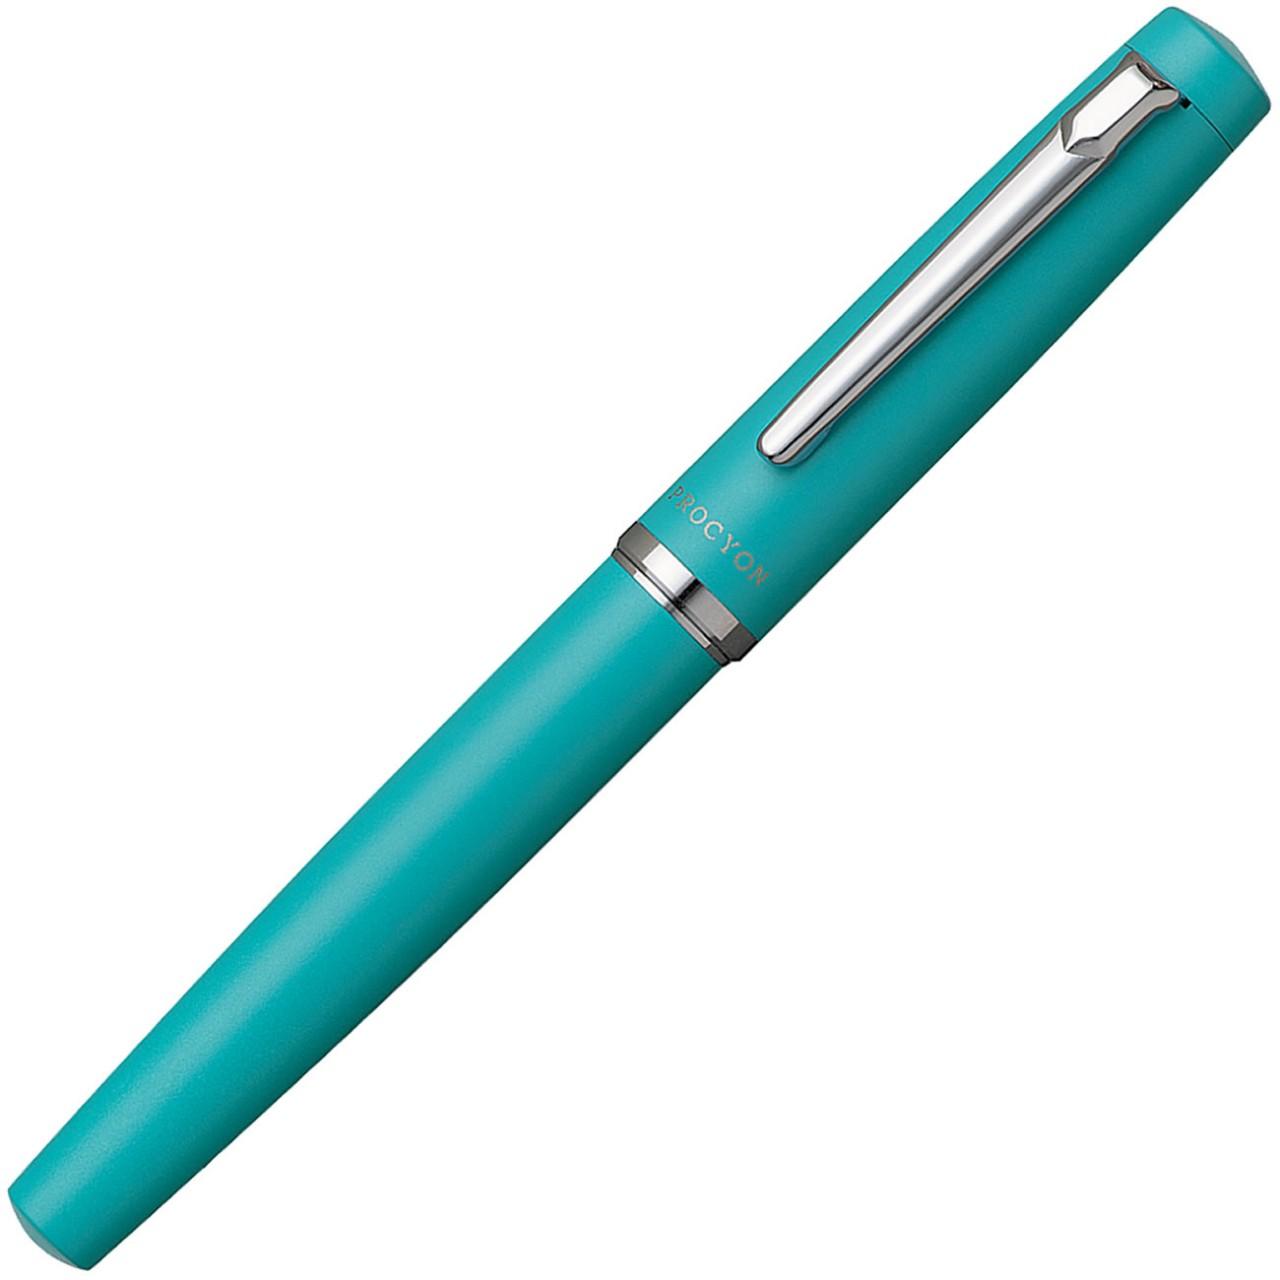 Platinum PROCYON Fountain Pen Turquoise blue M